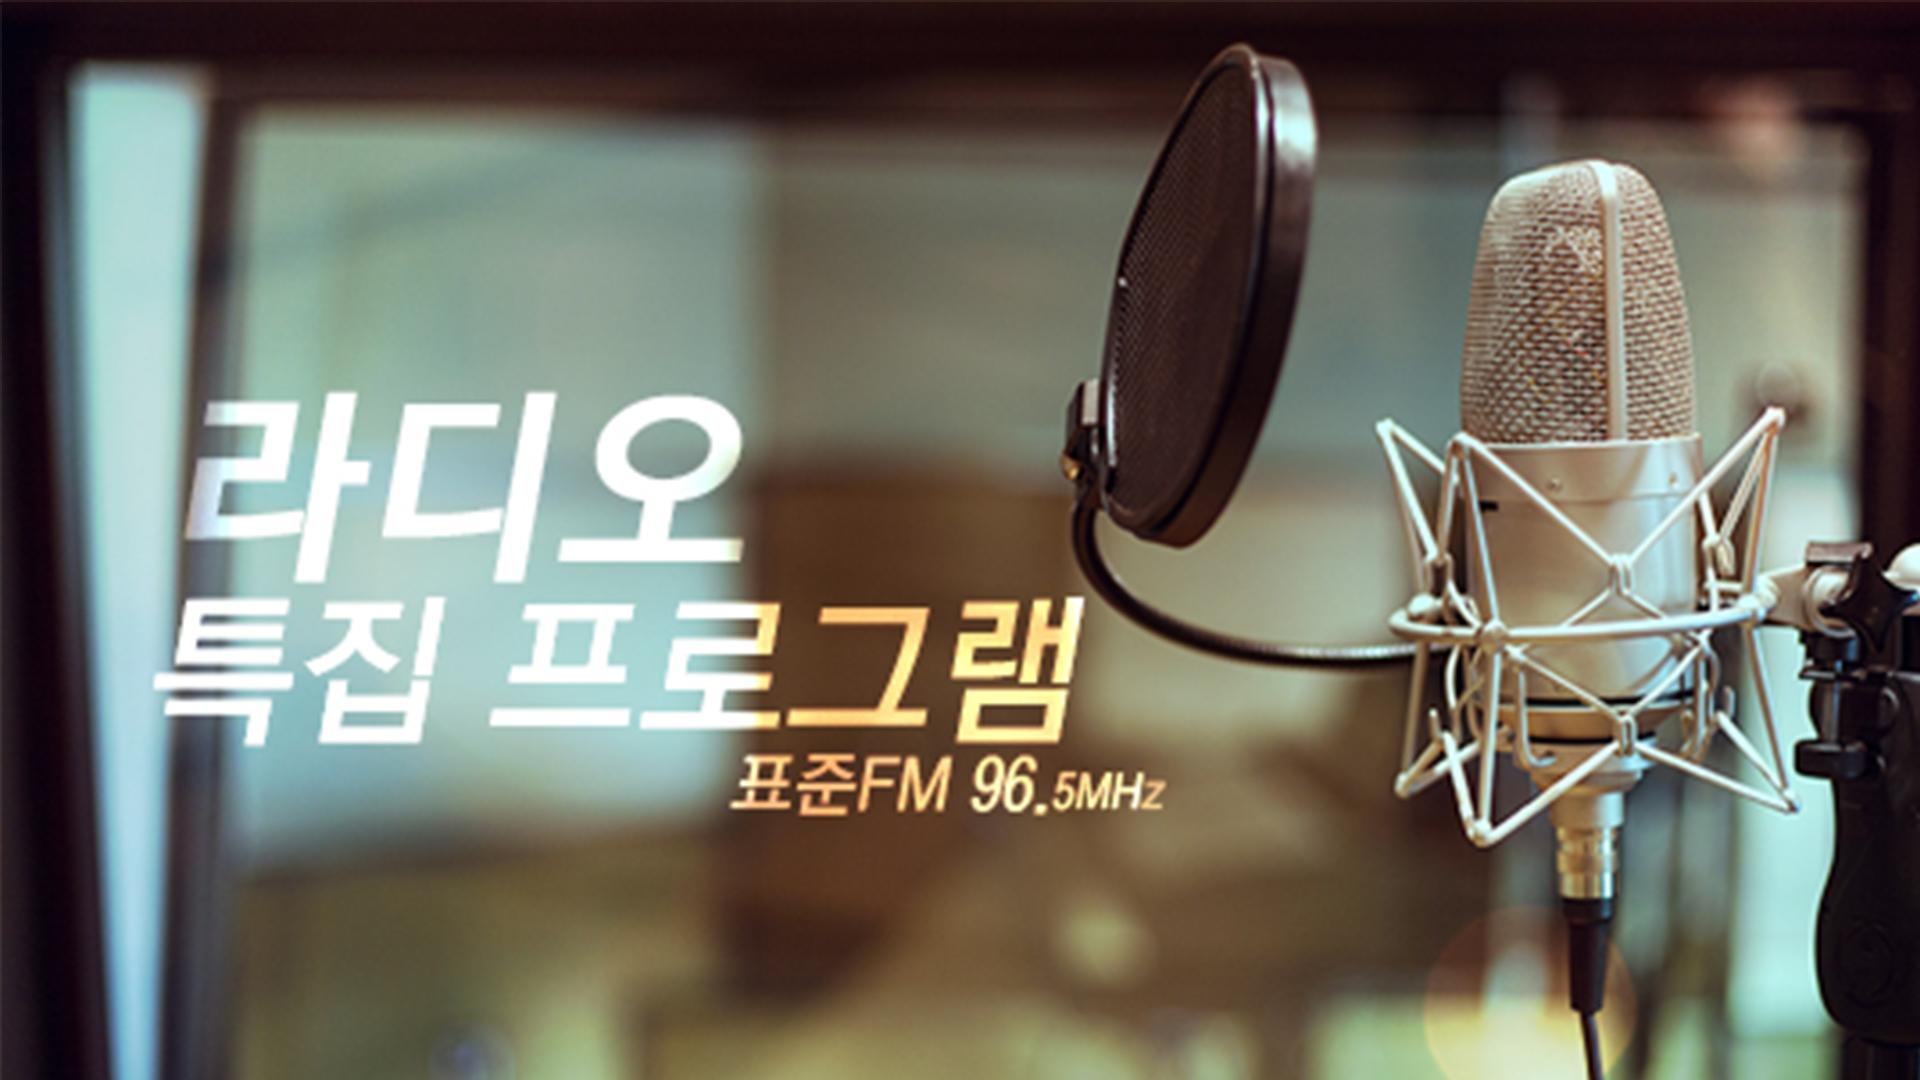 특집프로그램(라디오)